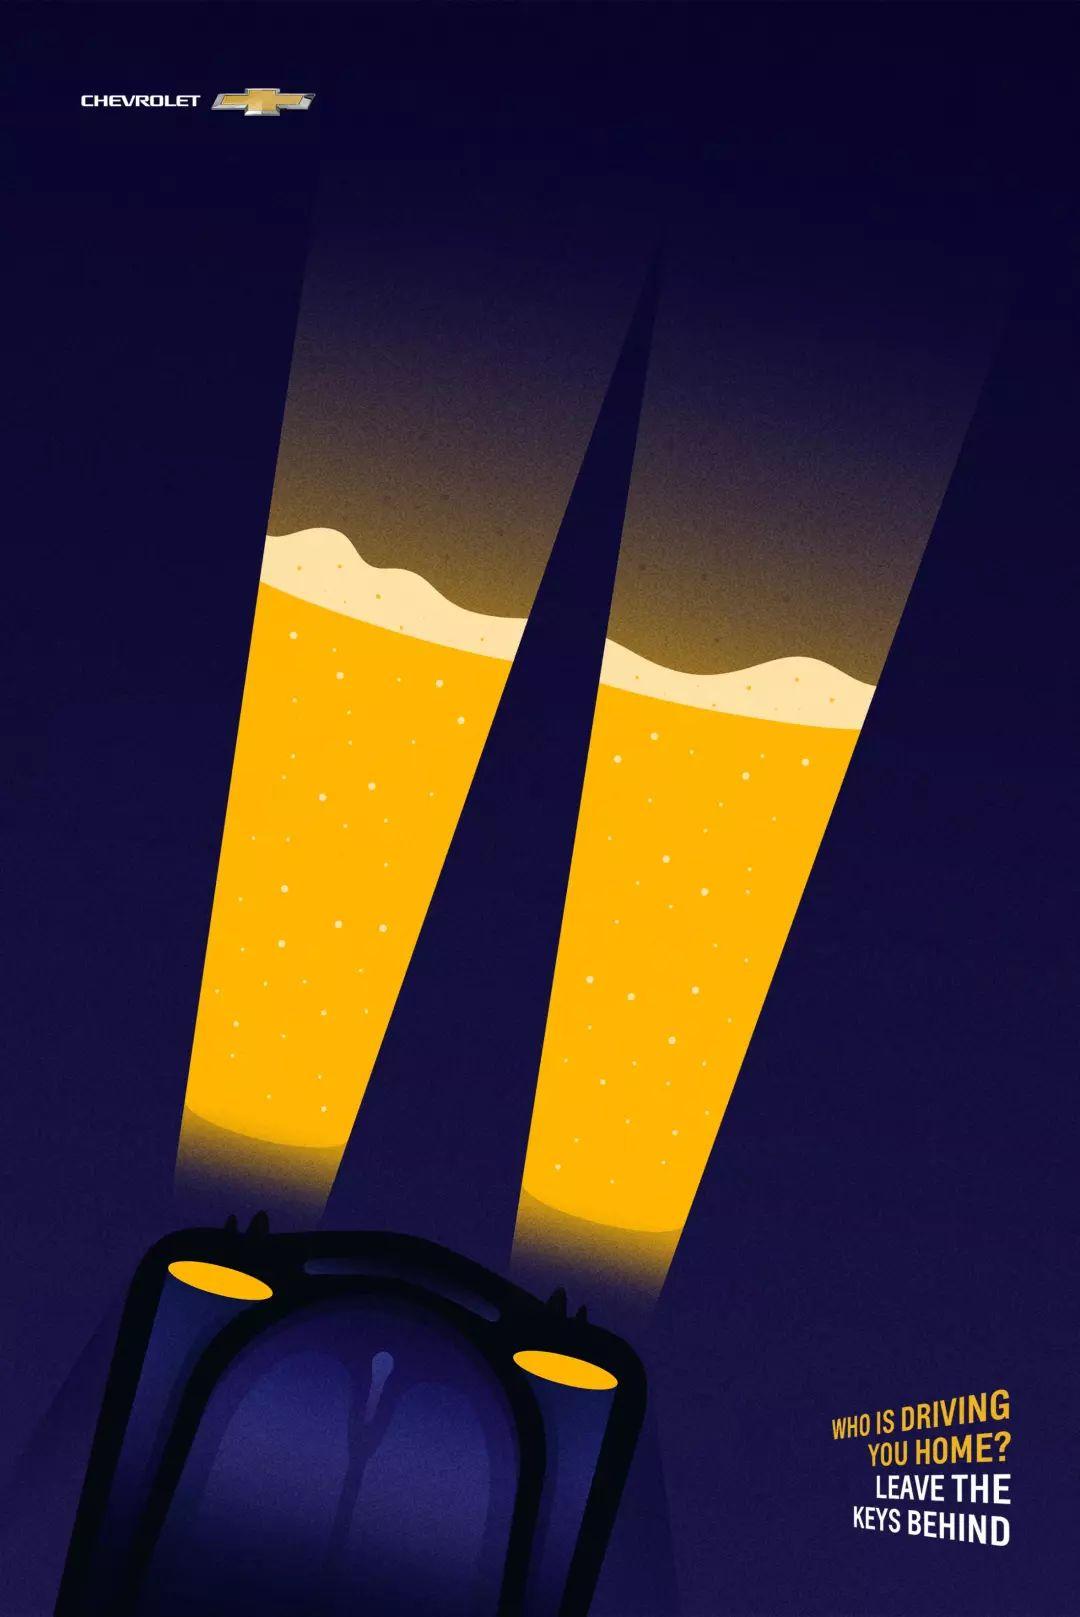 海报设计模板案例欣赏 既要形象又要让人信服